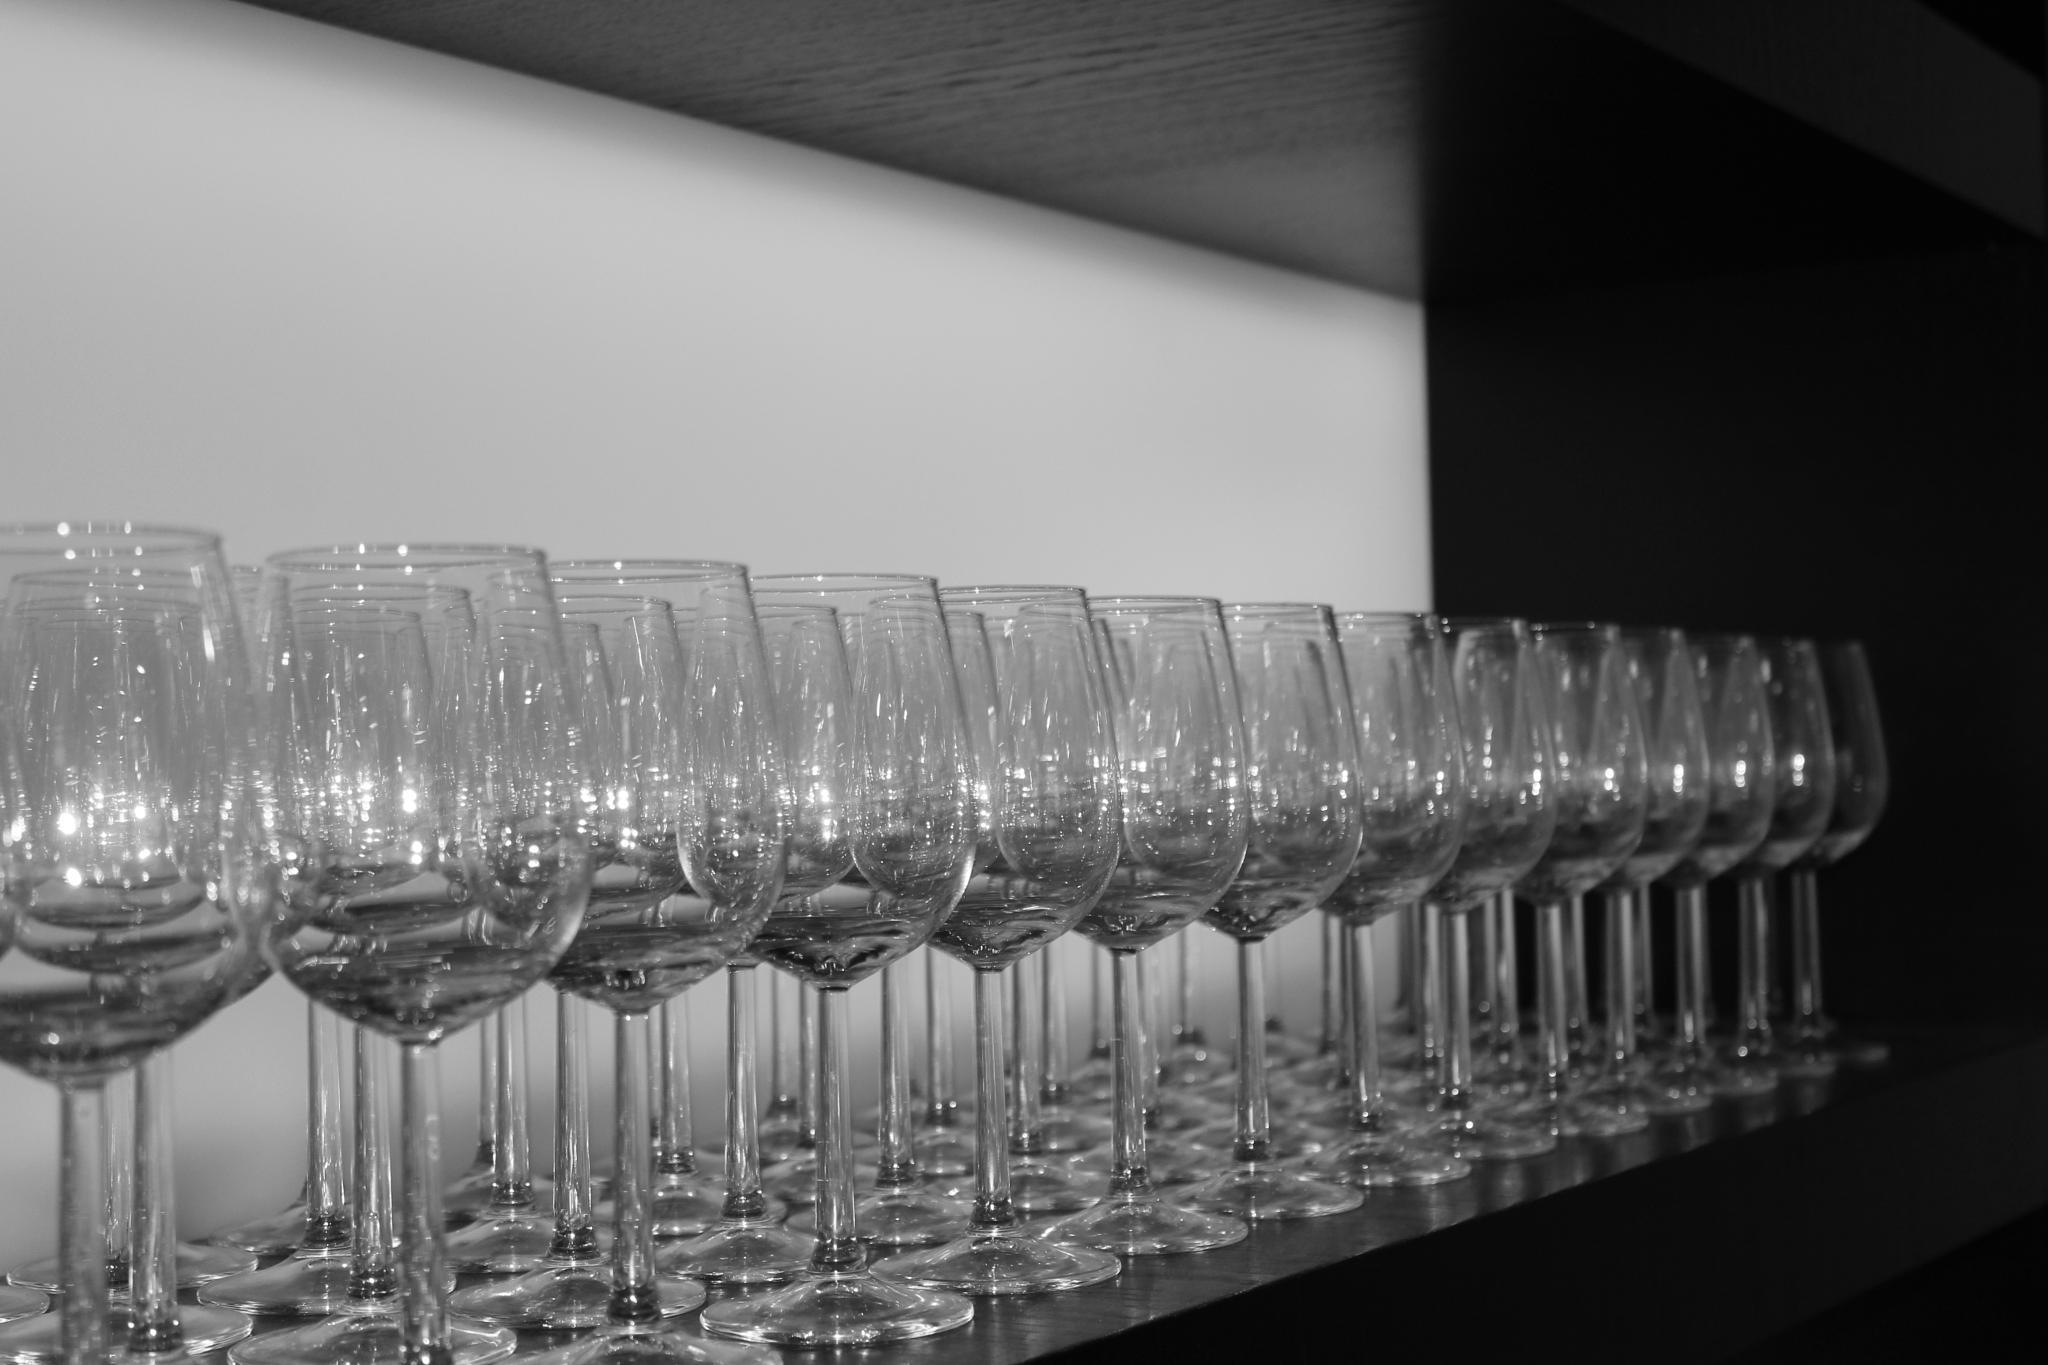 Wine glasses by John Weijts